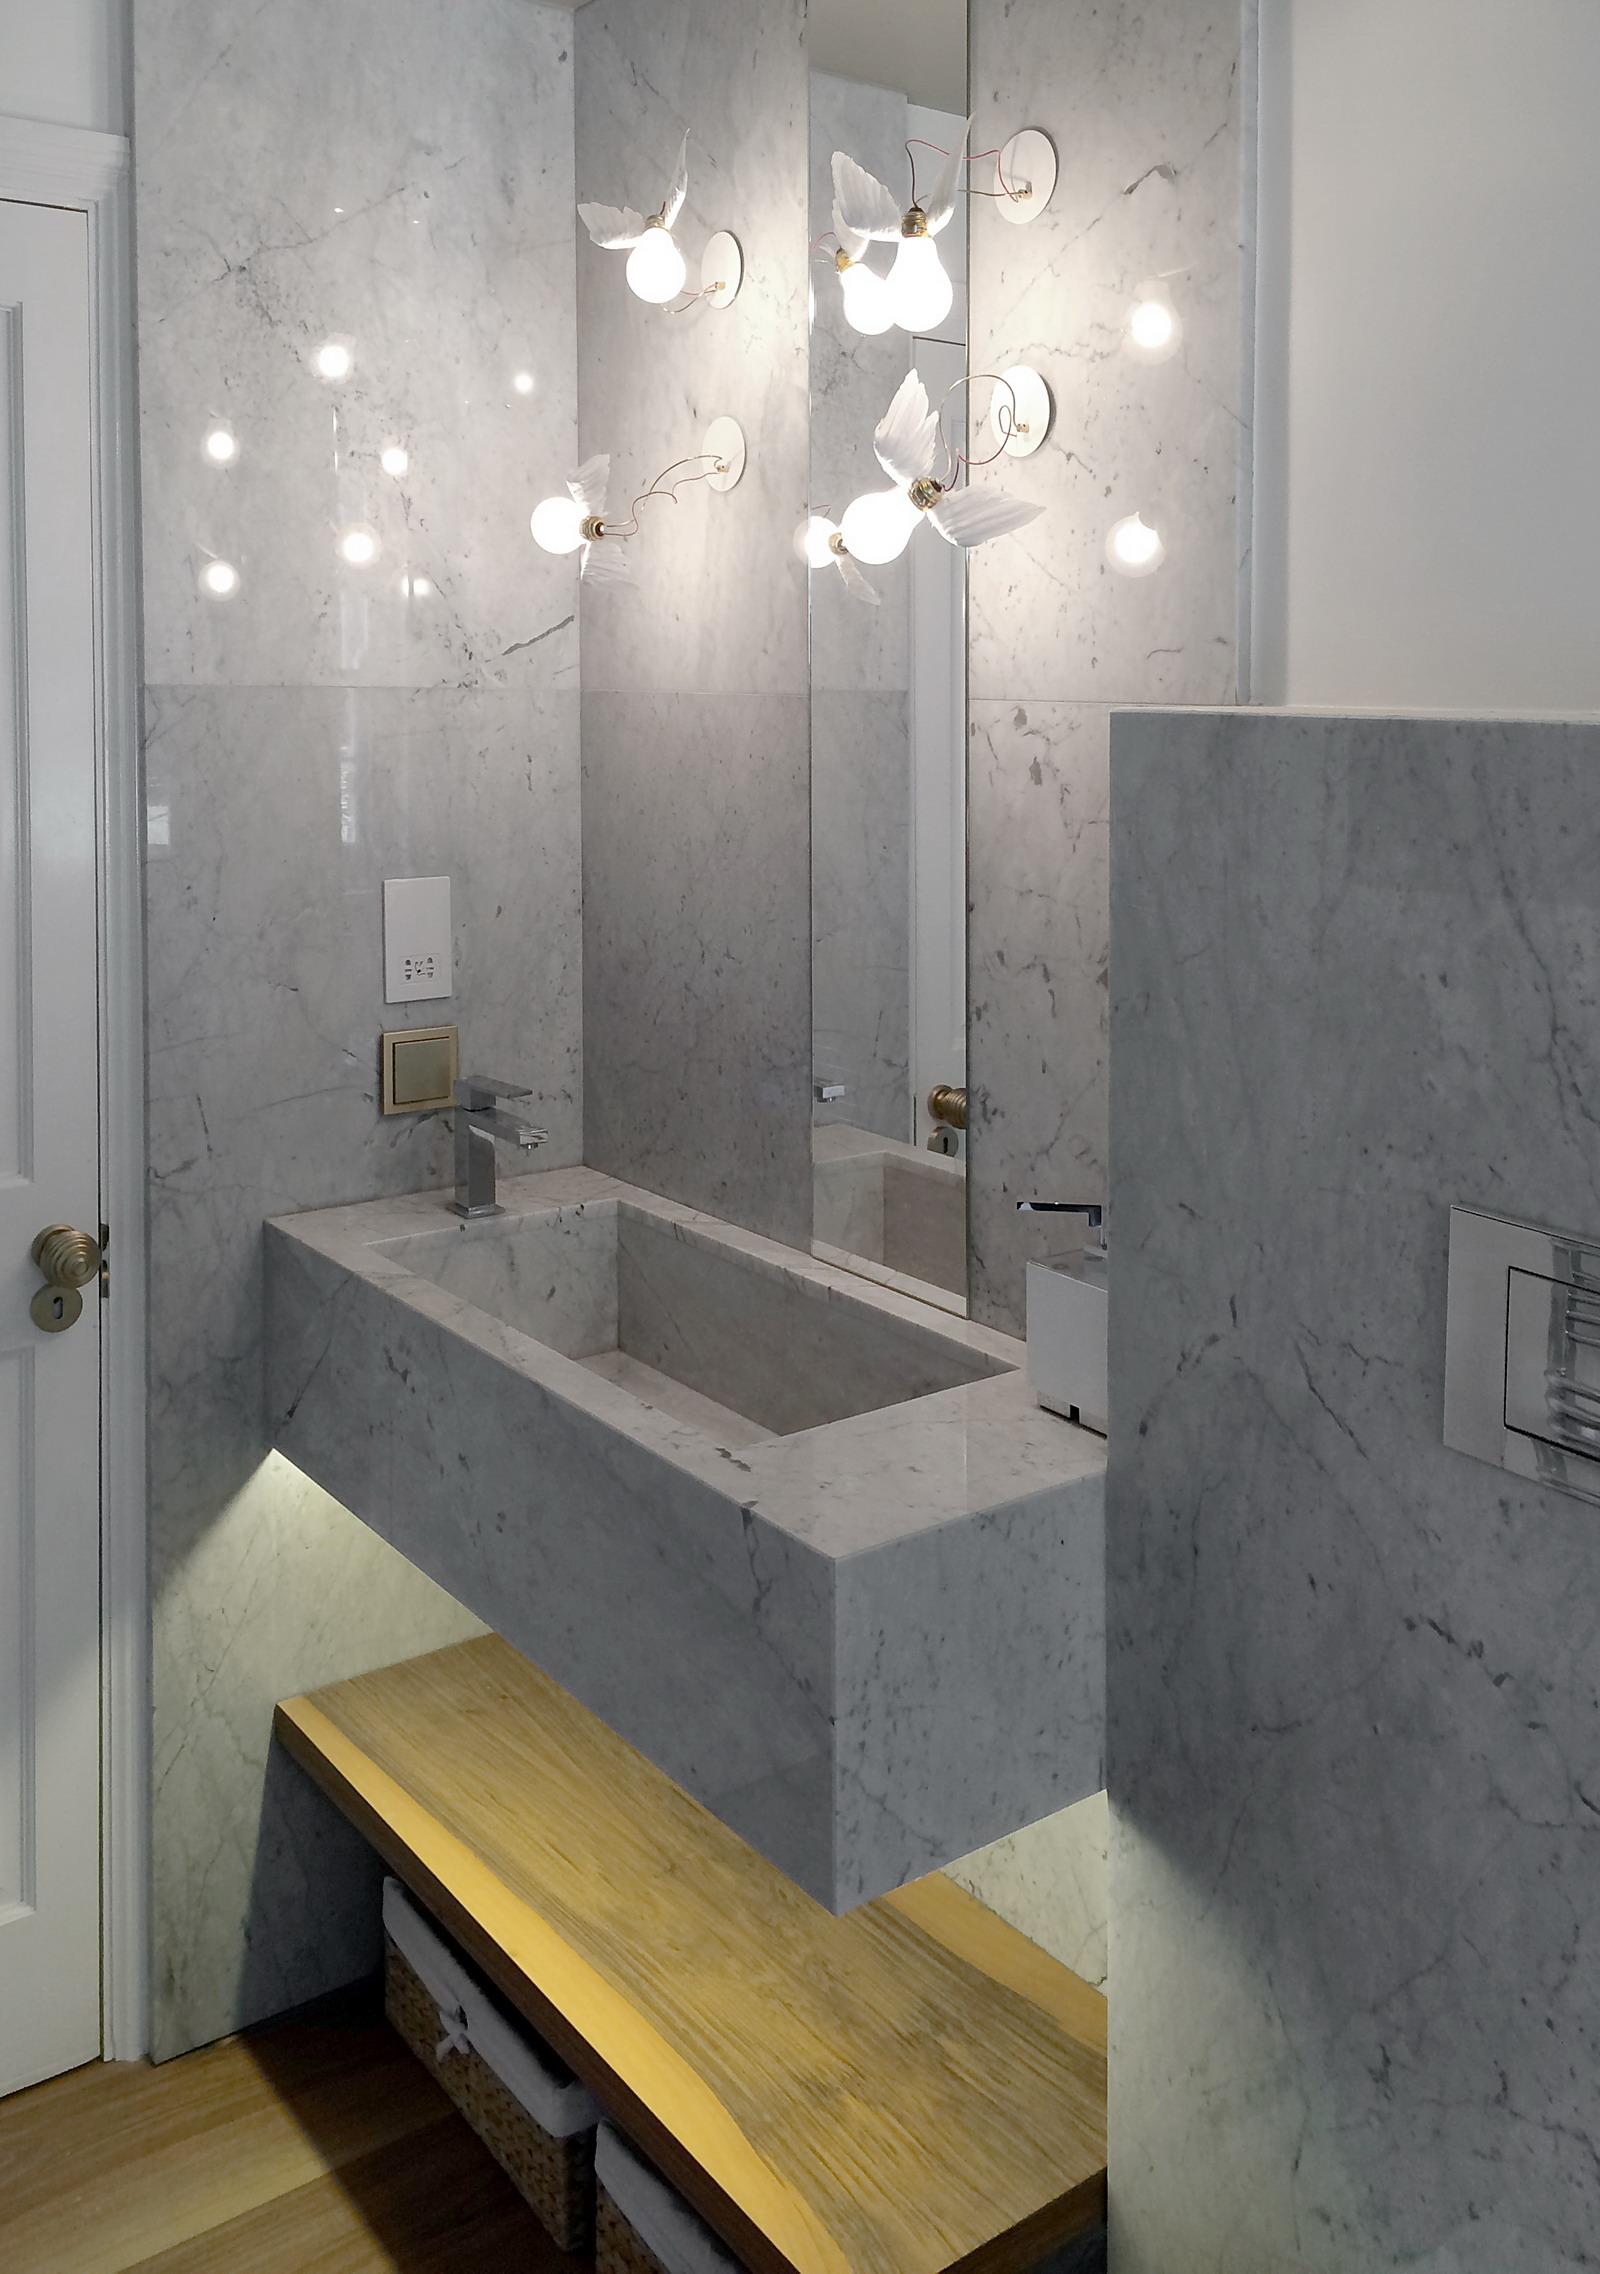 Appartamento Londra UK - Bagno - Lavandino in Marmo